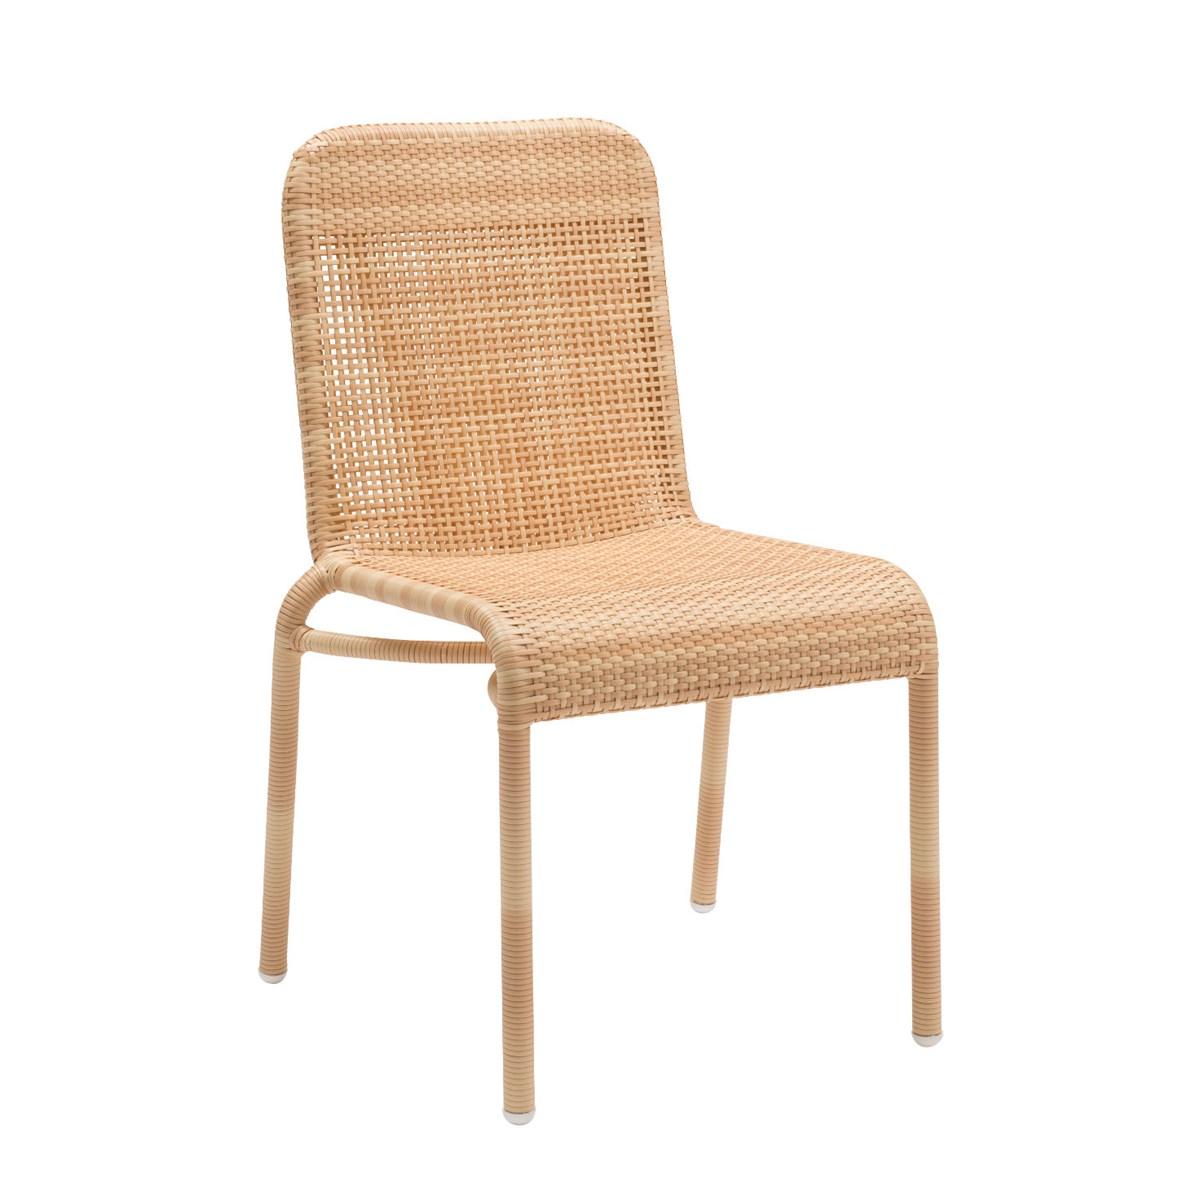 Chaise de jardin tressée en résine beige clair